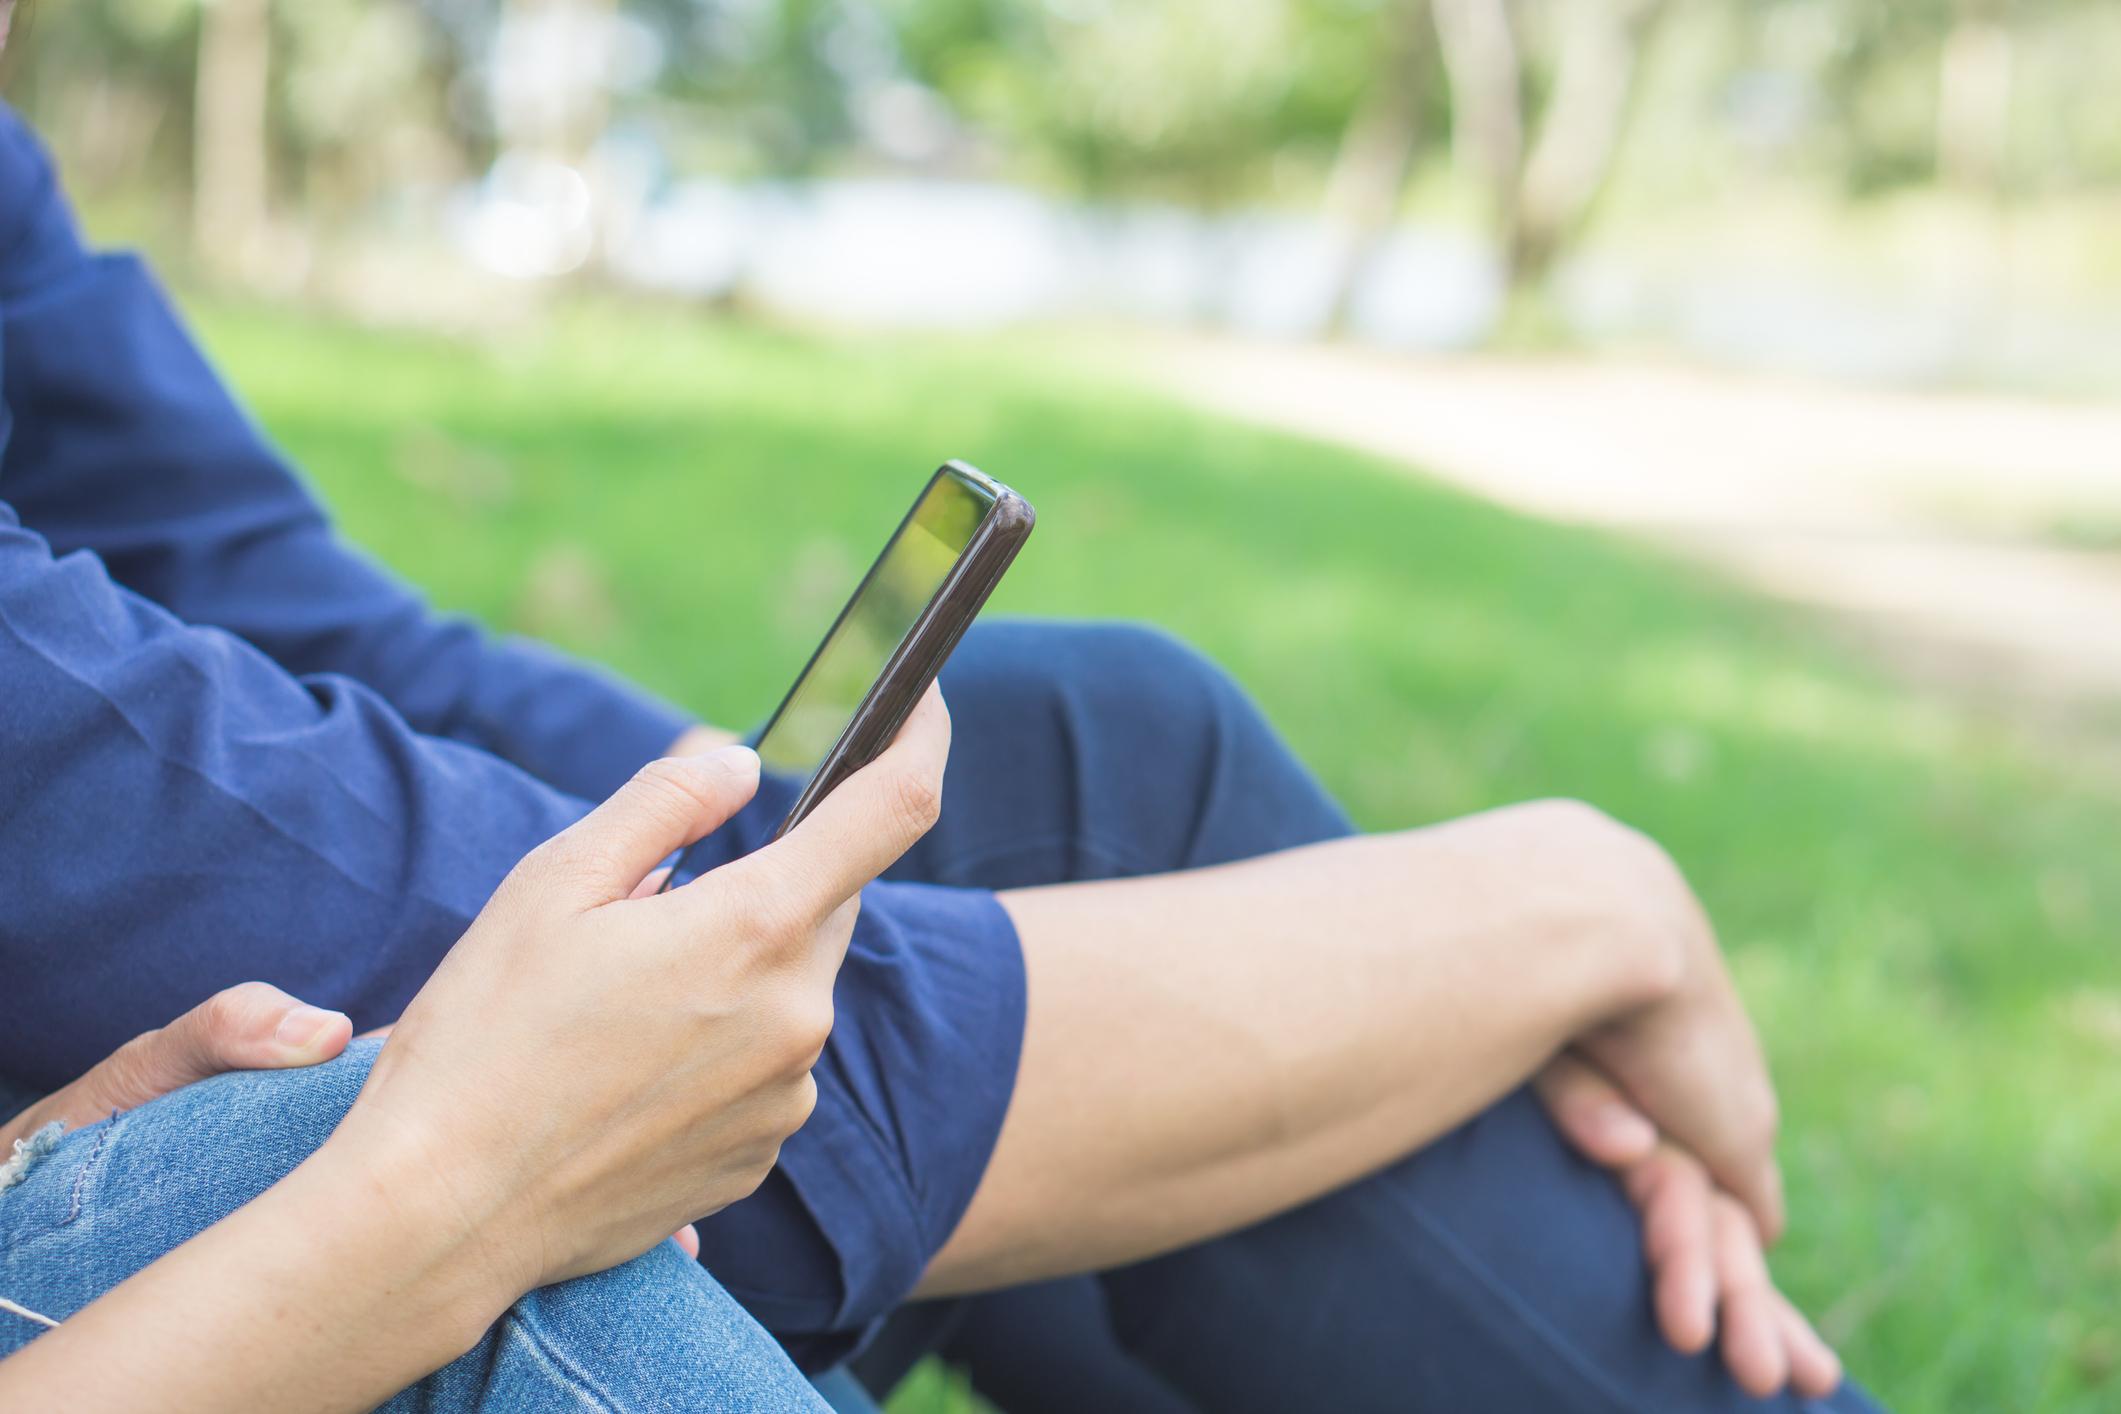 σεξ βίντεο για κινητές συσκευές